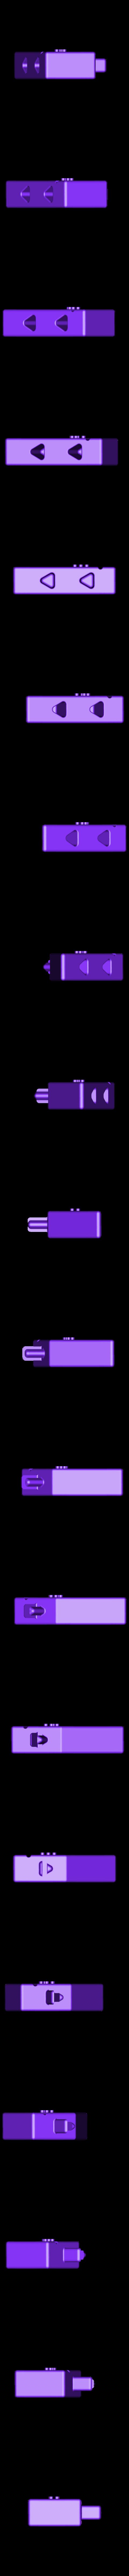 W.stl Télécharger fichier STL gratuit Casse-tête en braille de la couronne de Fittle • Design pour impression 3D, Fittle